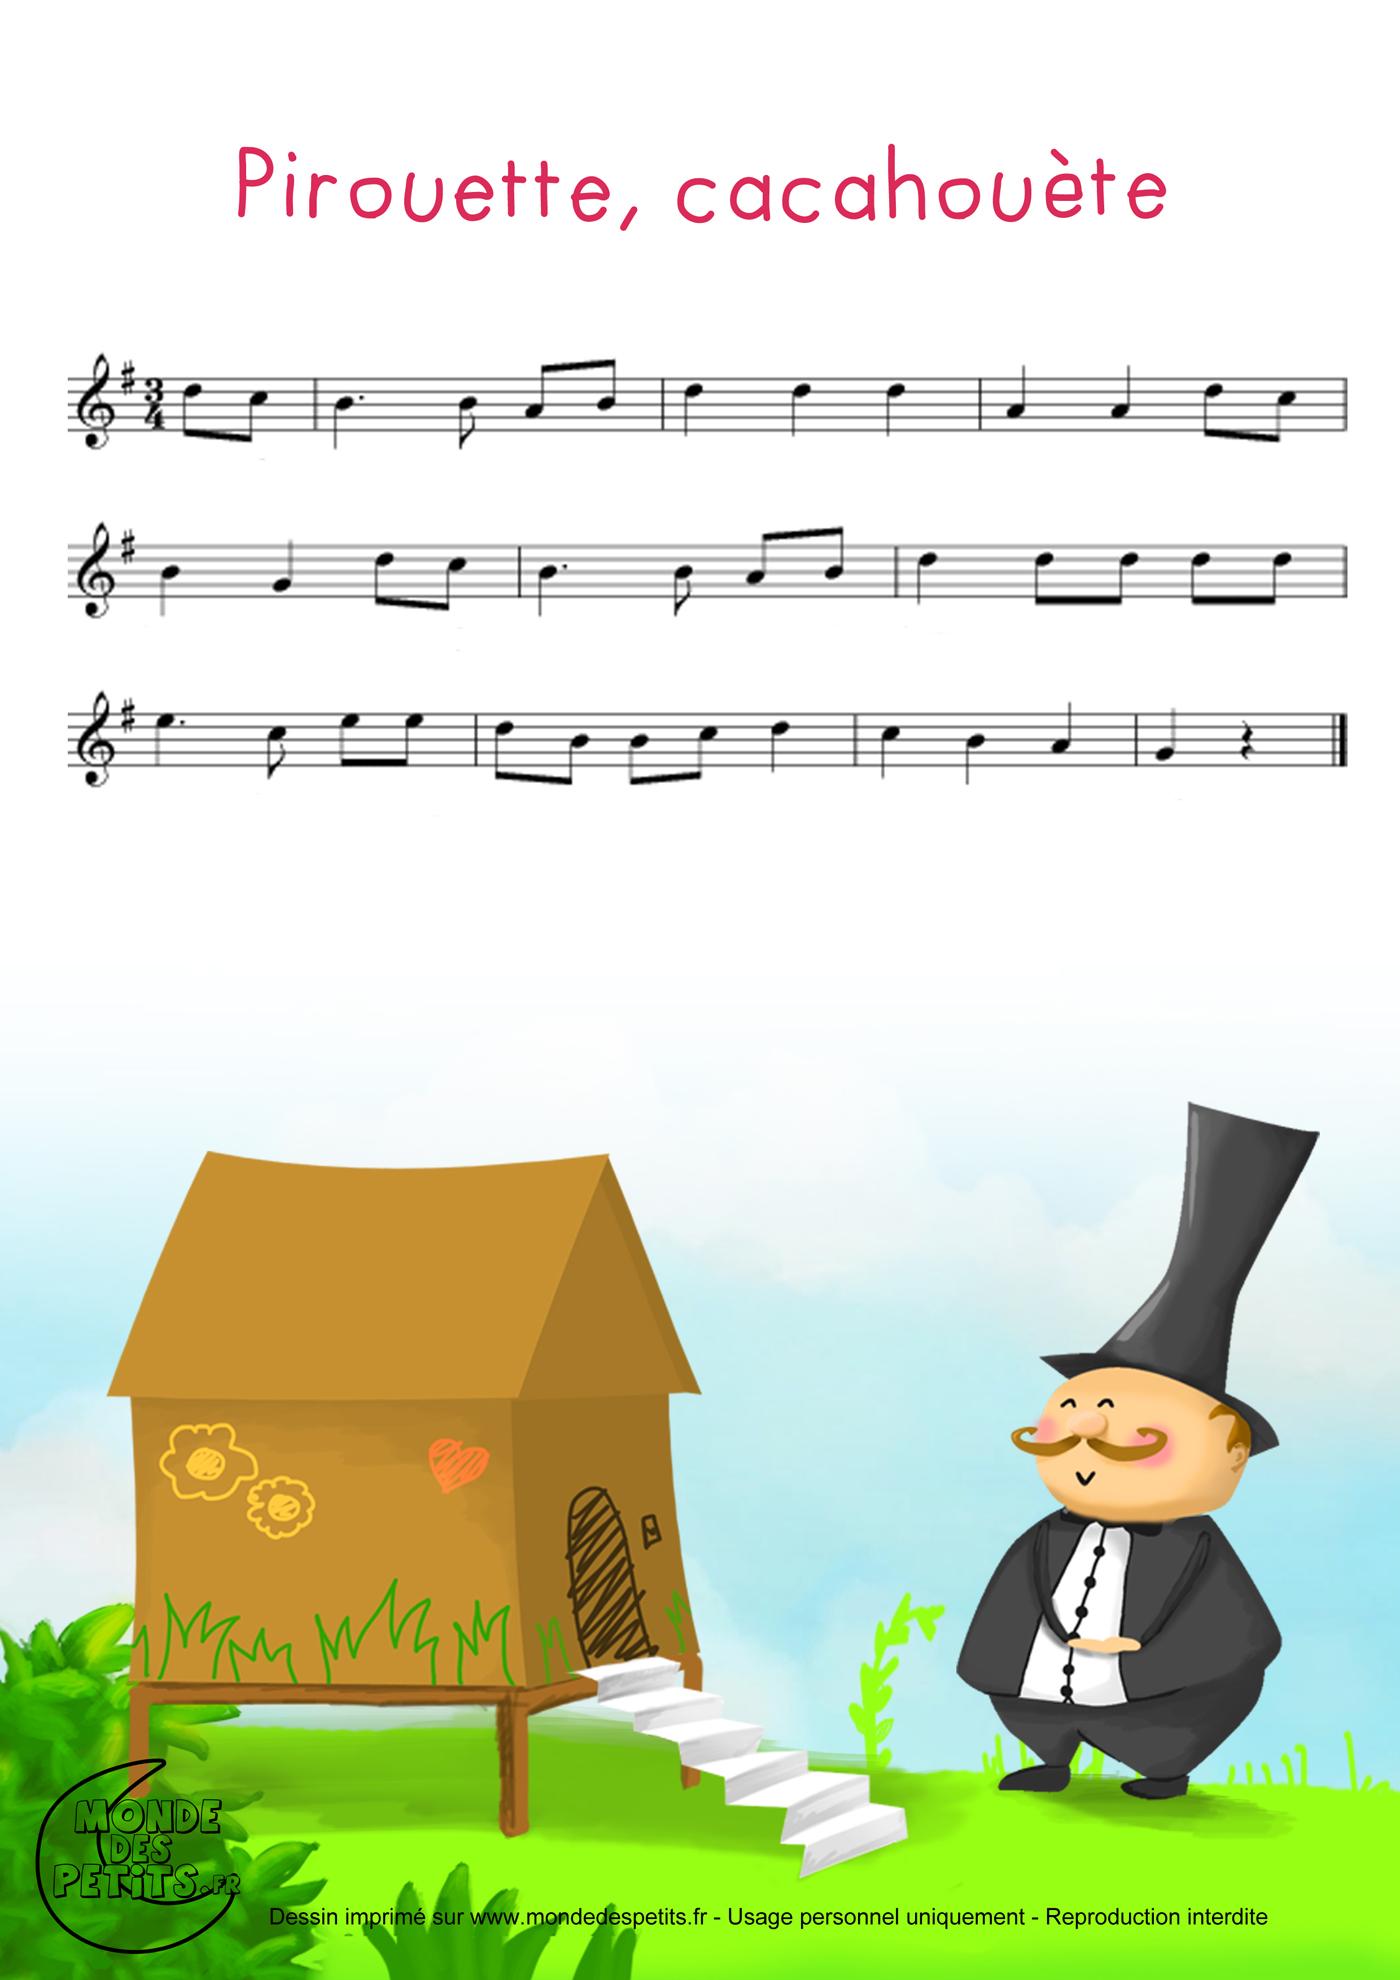 comptine, chanson, enfant, parole, pirouette, cacahuete, petit, homme,partition